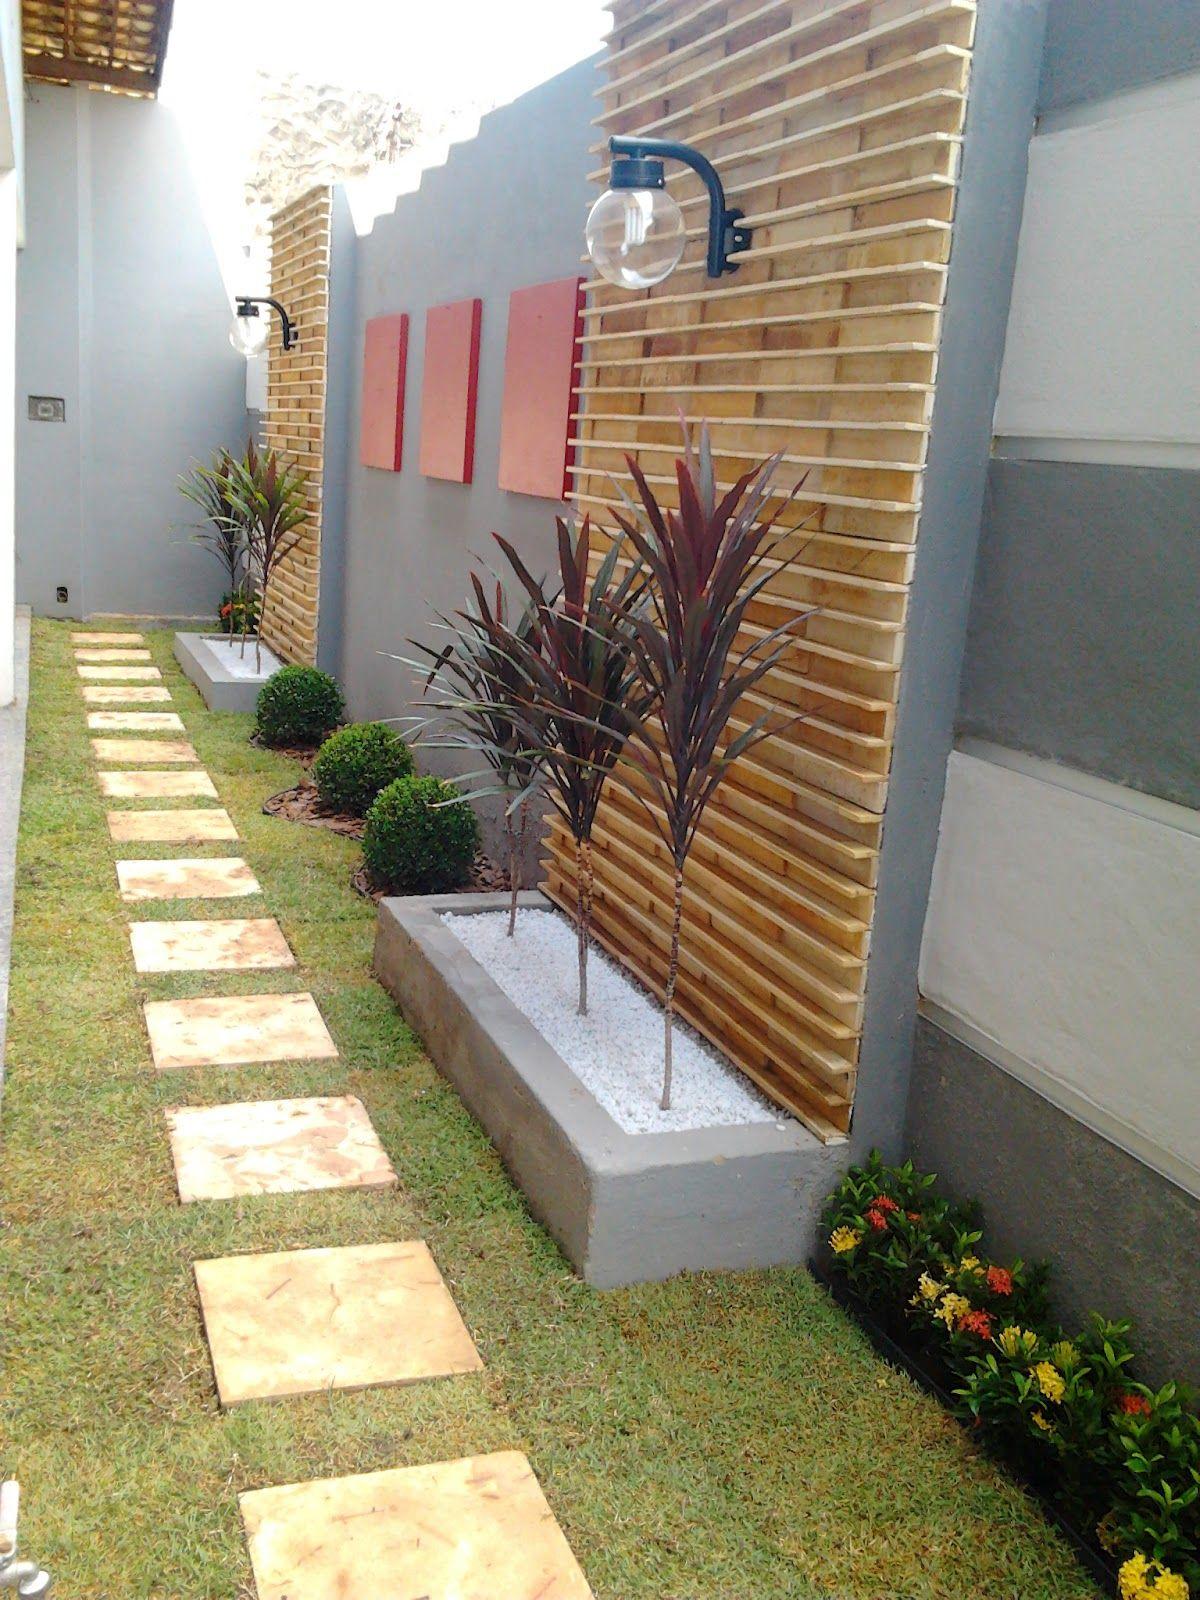 detalles que hacen la diferencia | ideias de jardim no corredor